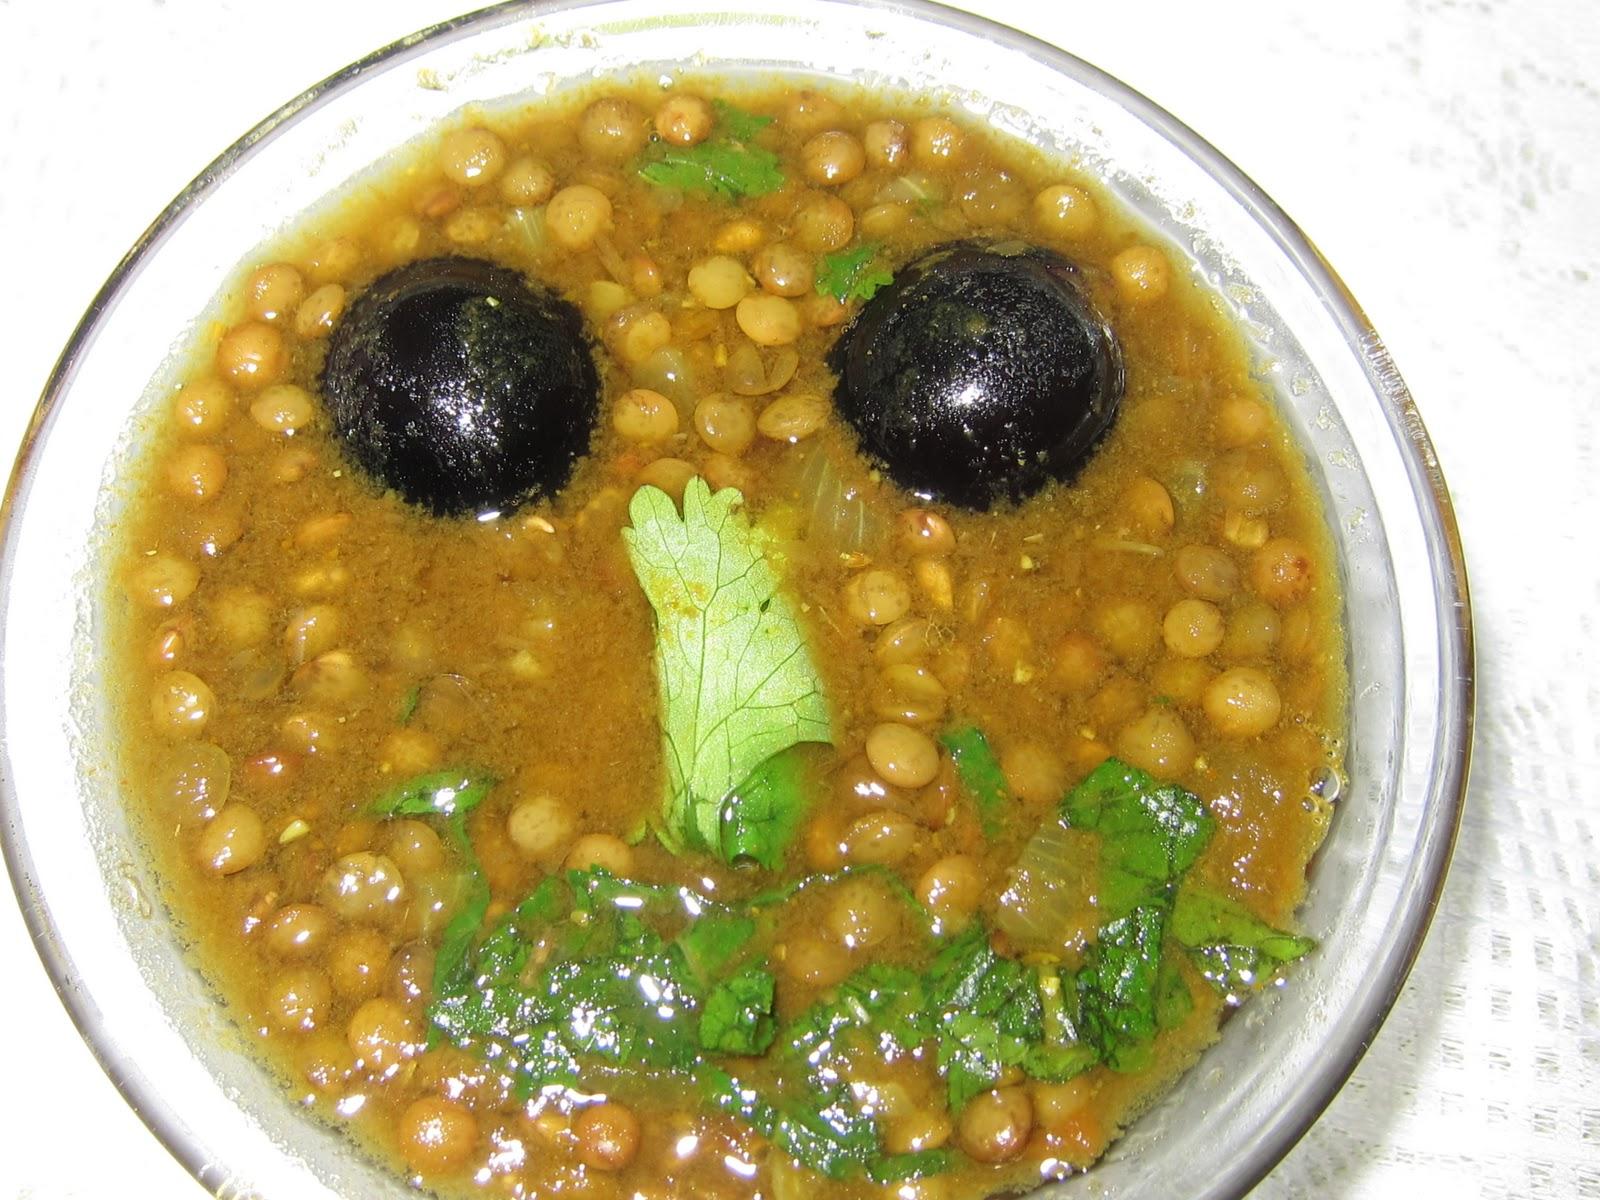 Lentilles vertes de puy au curry et aux raisins art de - Cuisiner les lentilles vertes ...